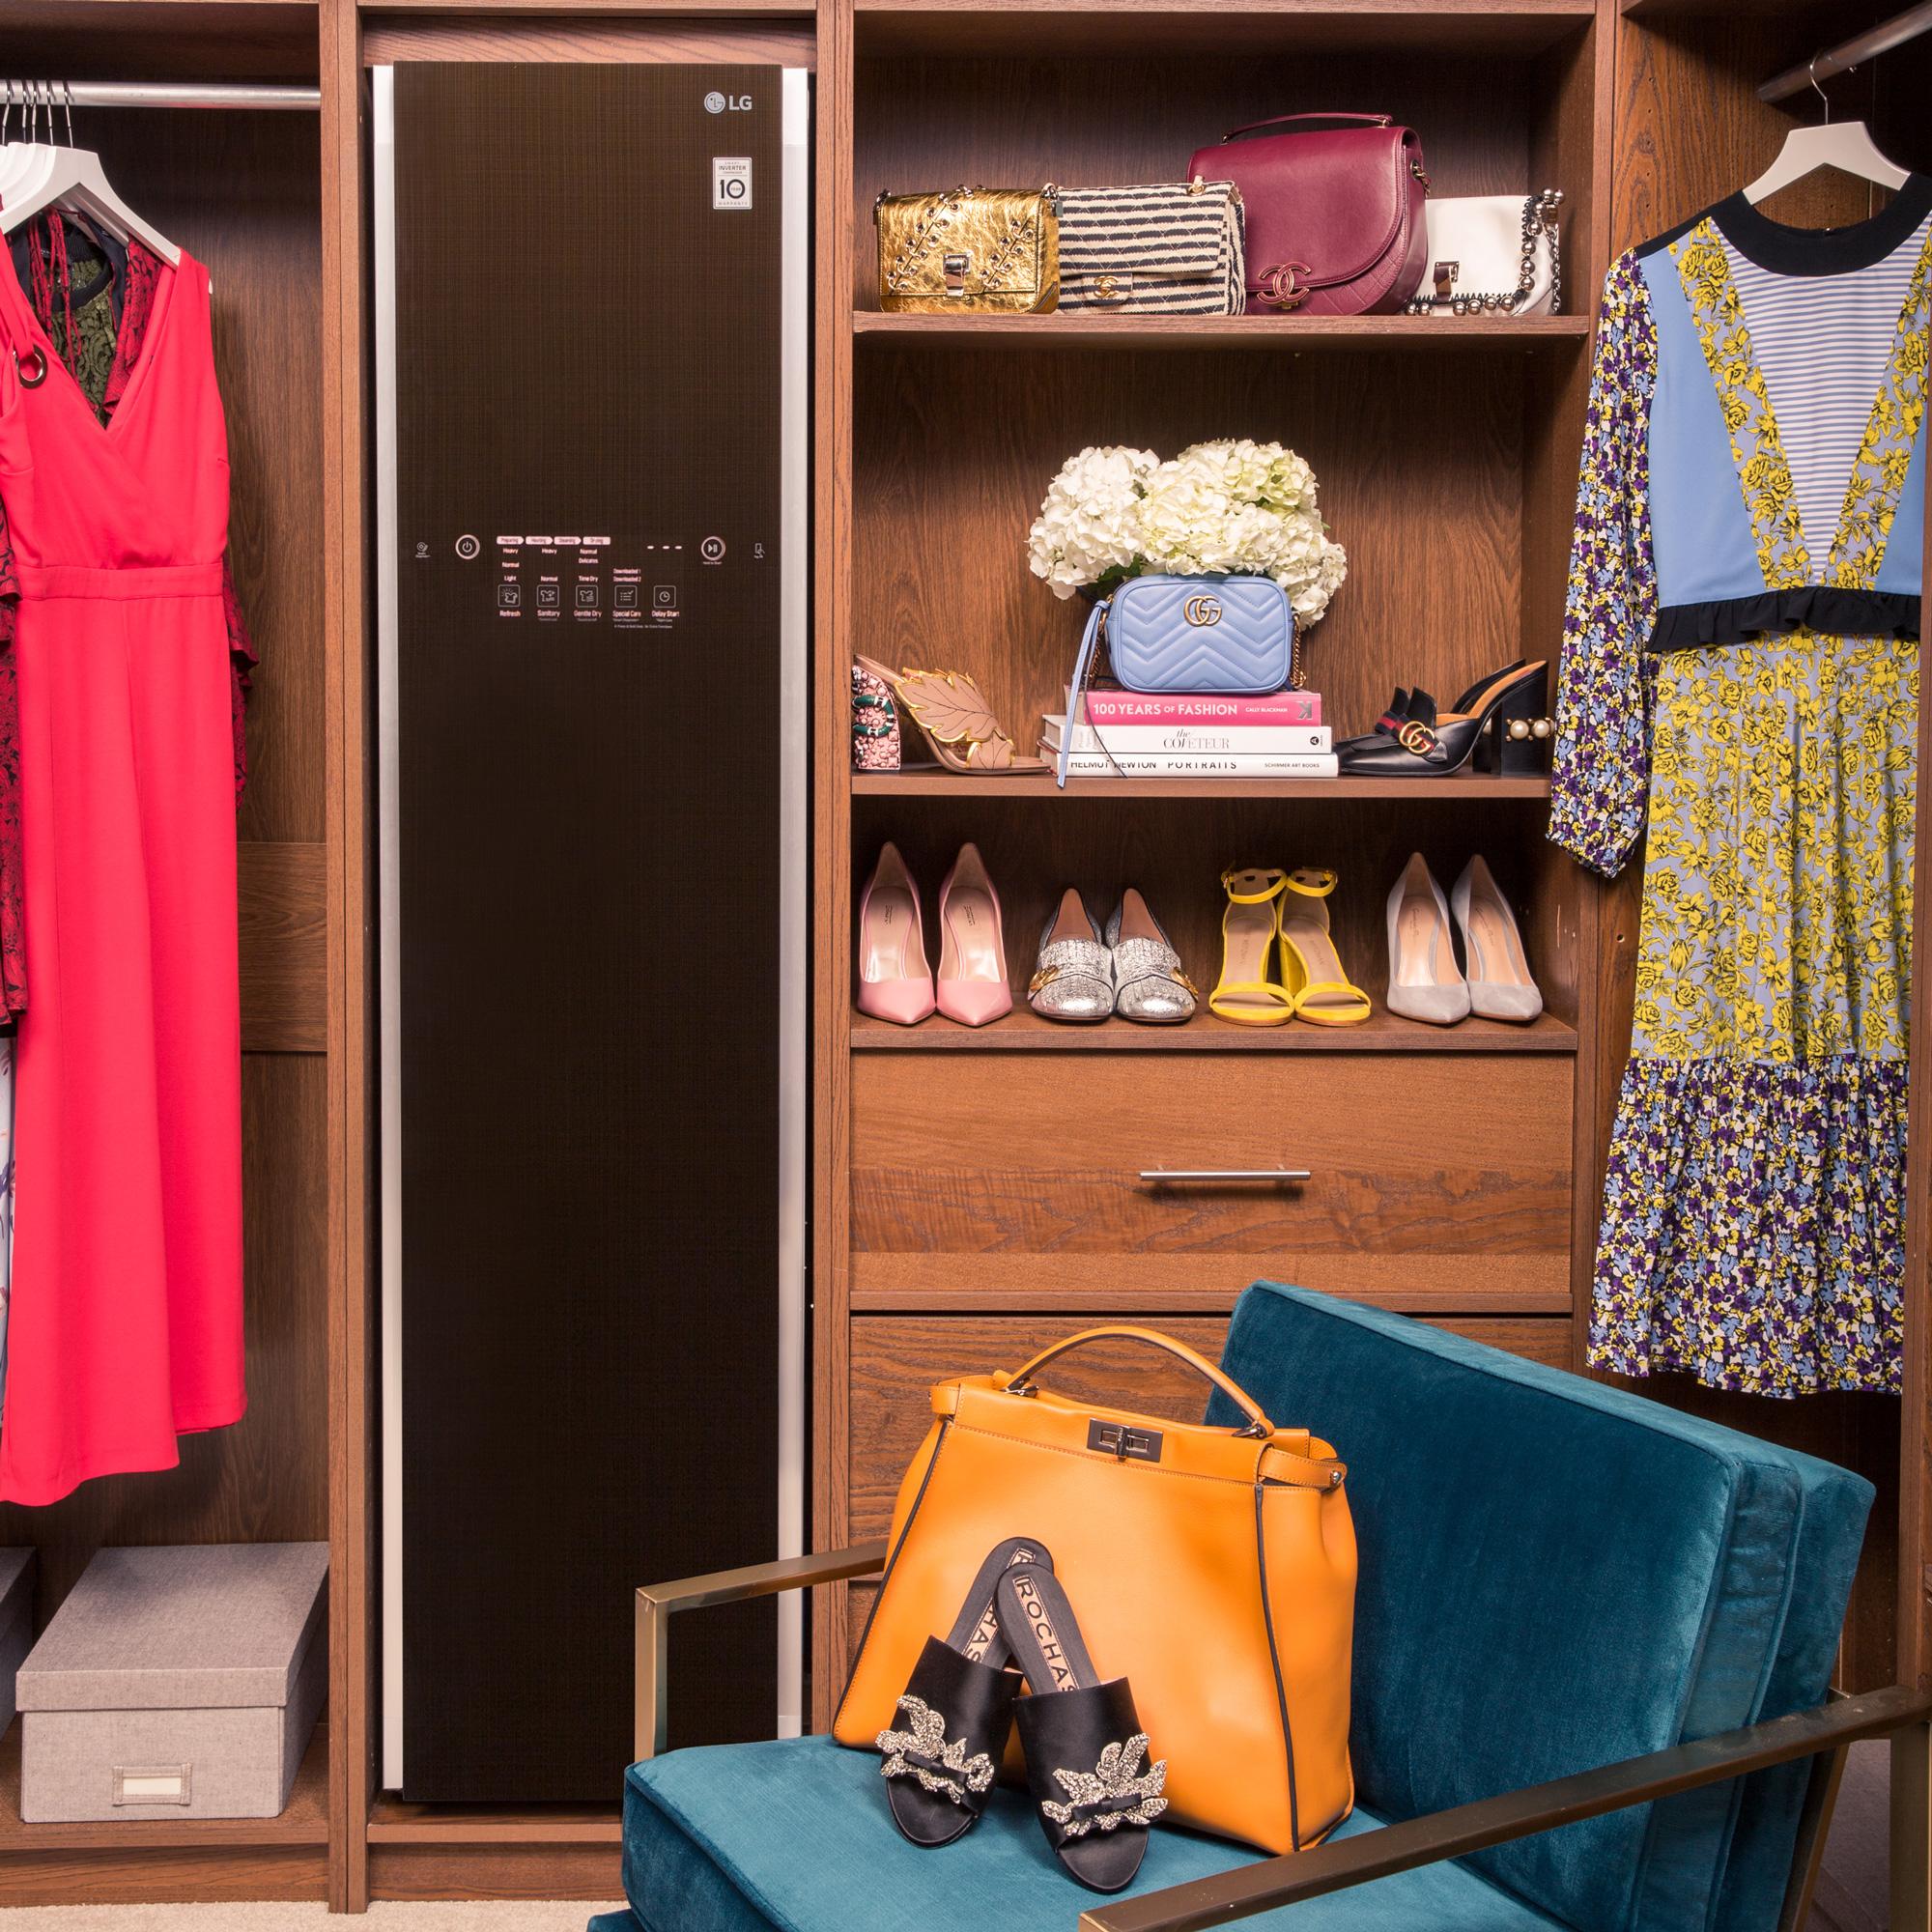 kohut blogtourkbis usa designhounds interiors closet takes christine kitchen lg the tech blog over steam